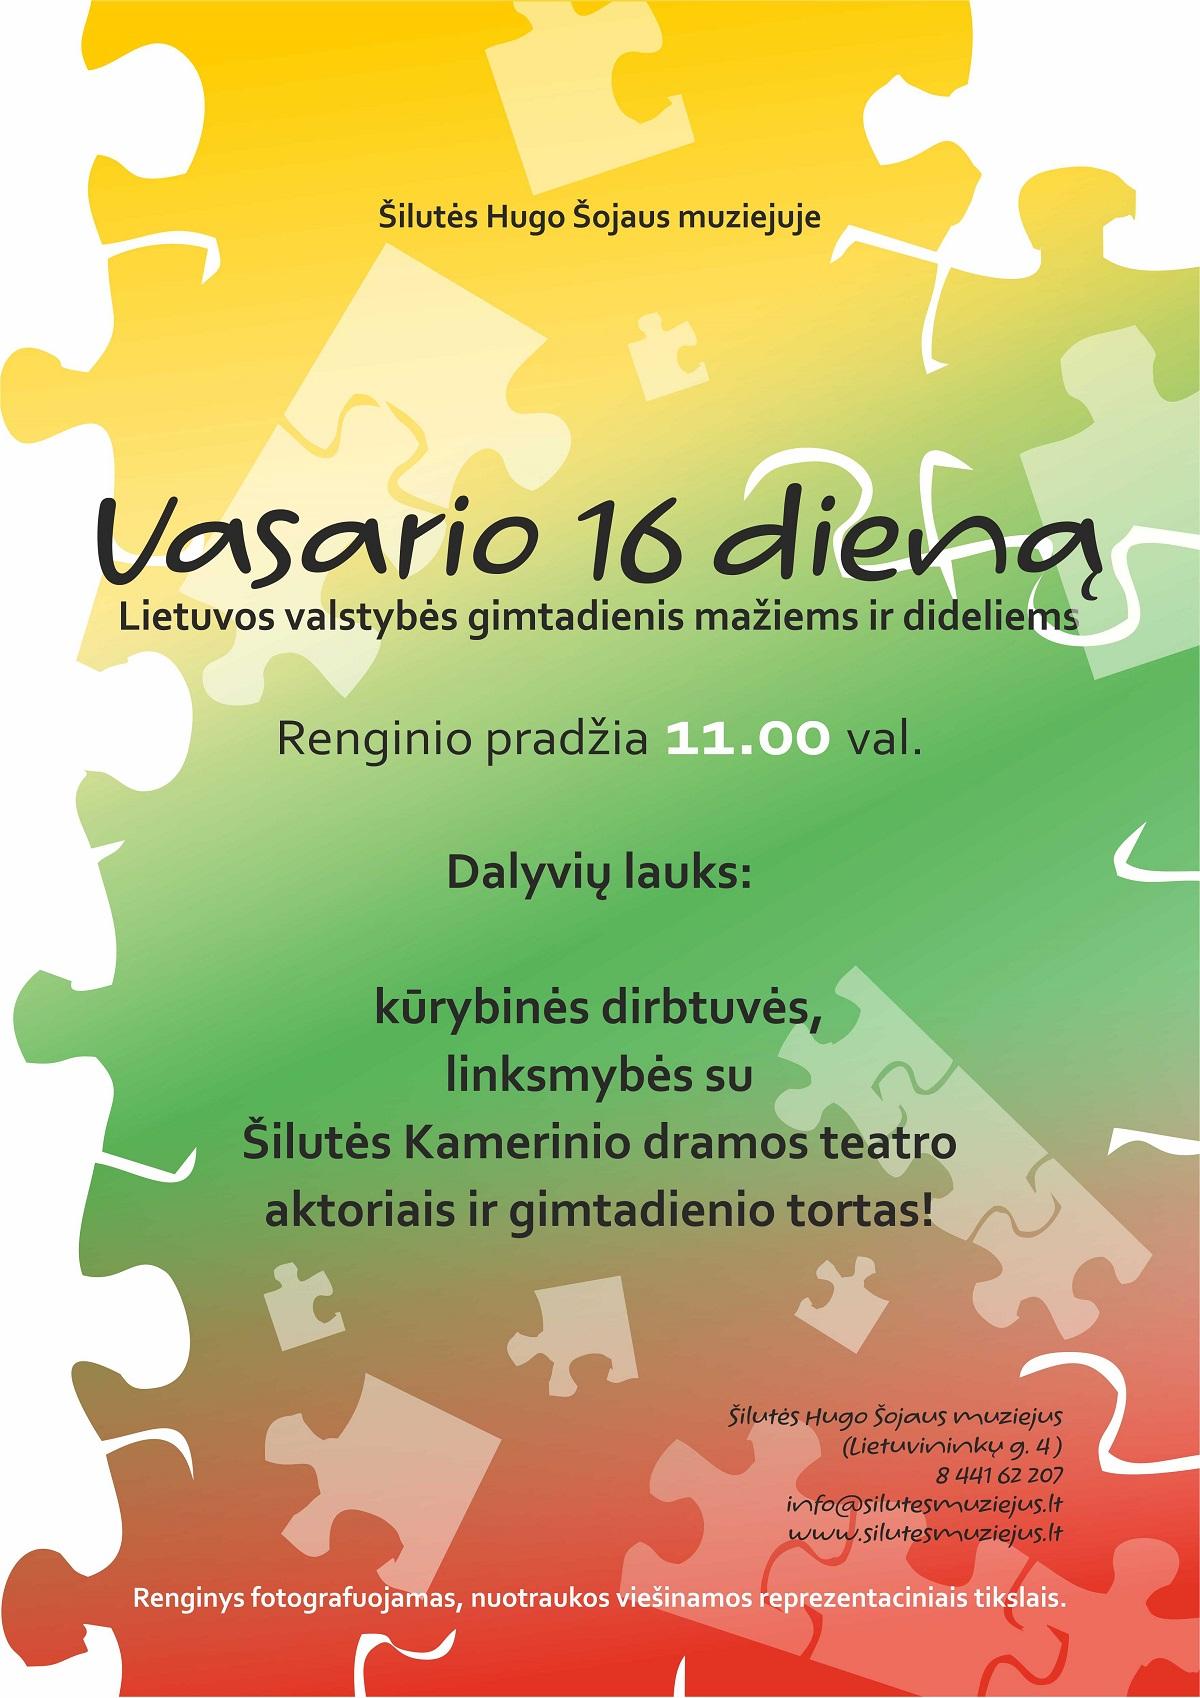 Švęskime Lietuvos gimtadienį Šilutės Hugo Šojaus muziejuje